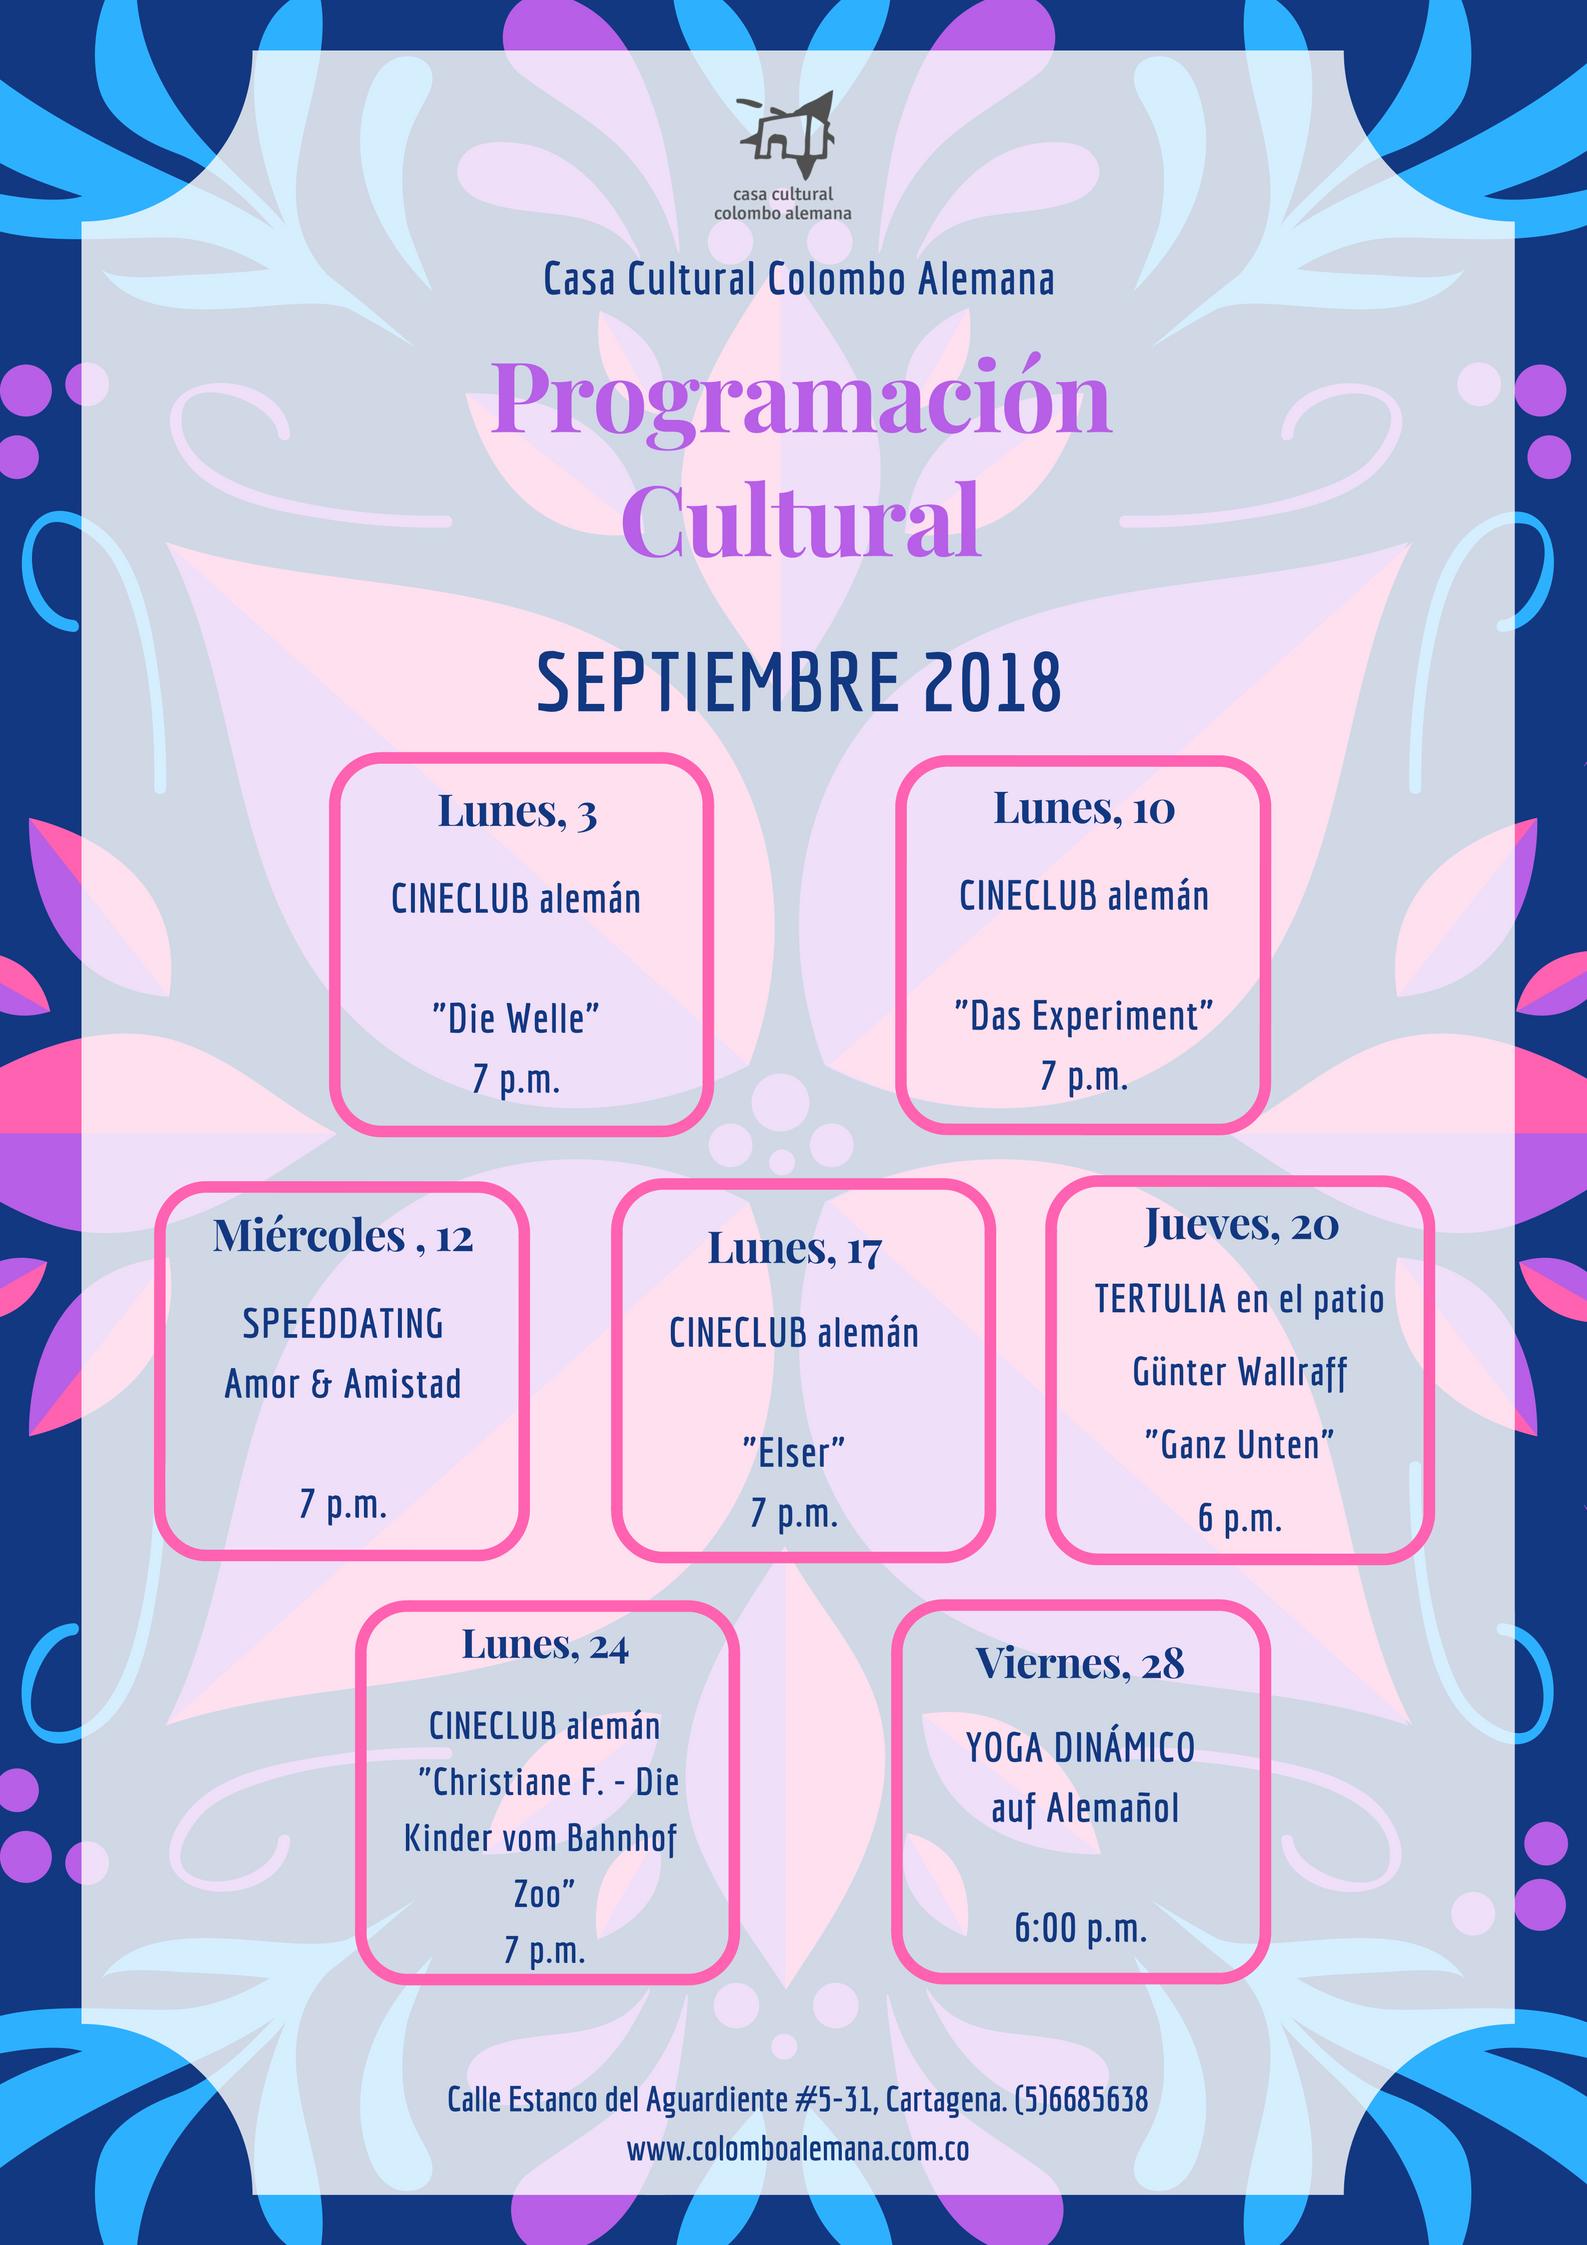 09_Programación Cultural Septiembre 2018 (1)